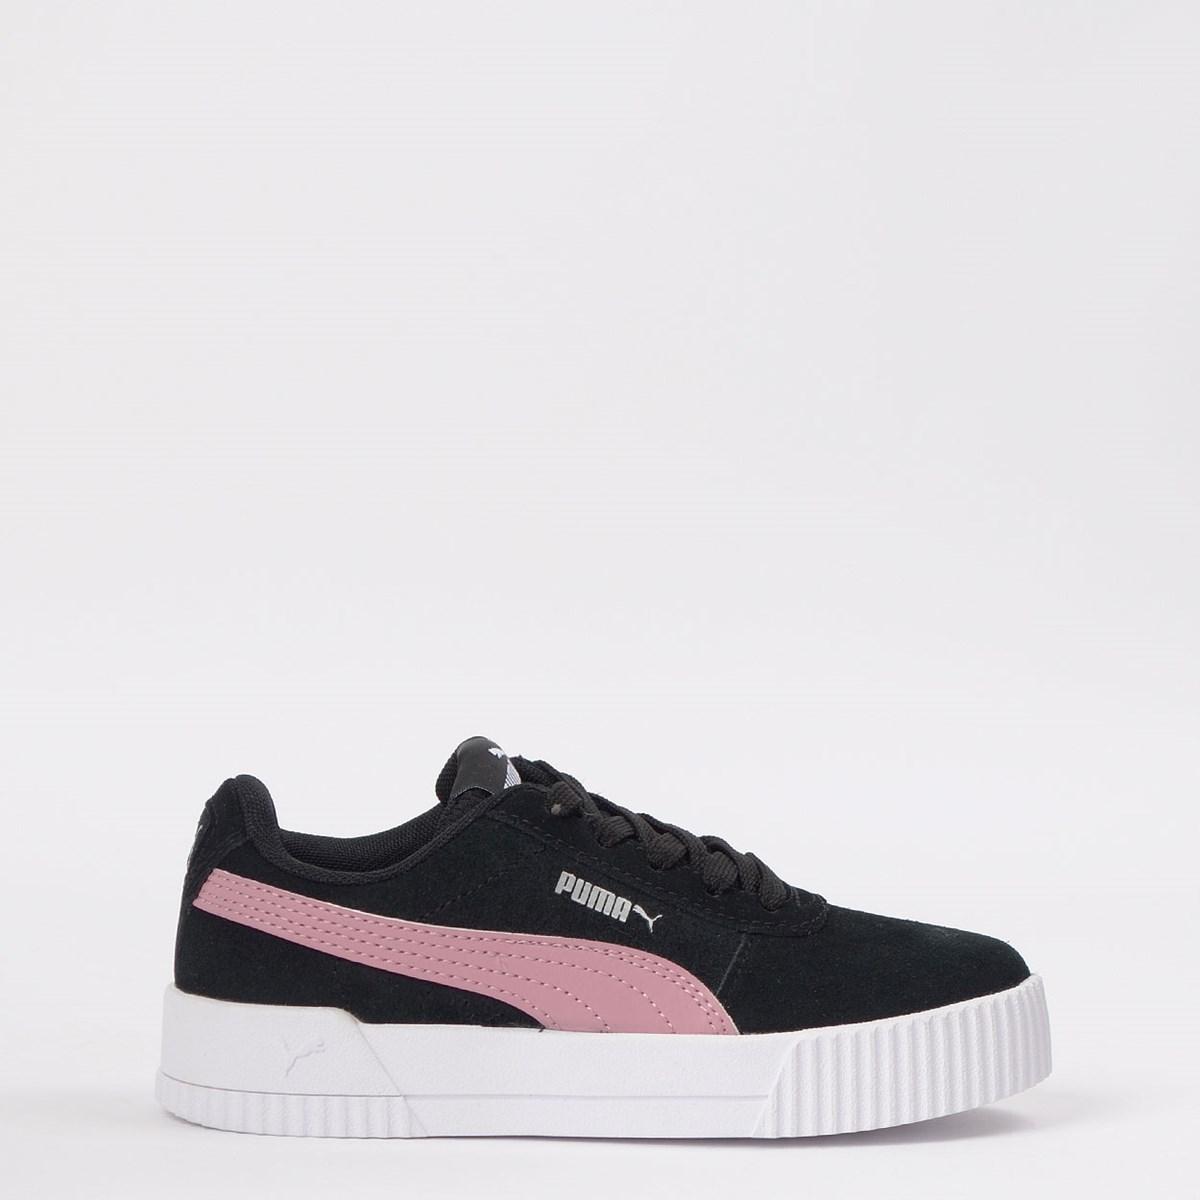 Tênis Puma Kids Carina Black Foxglove Pink 370533-05